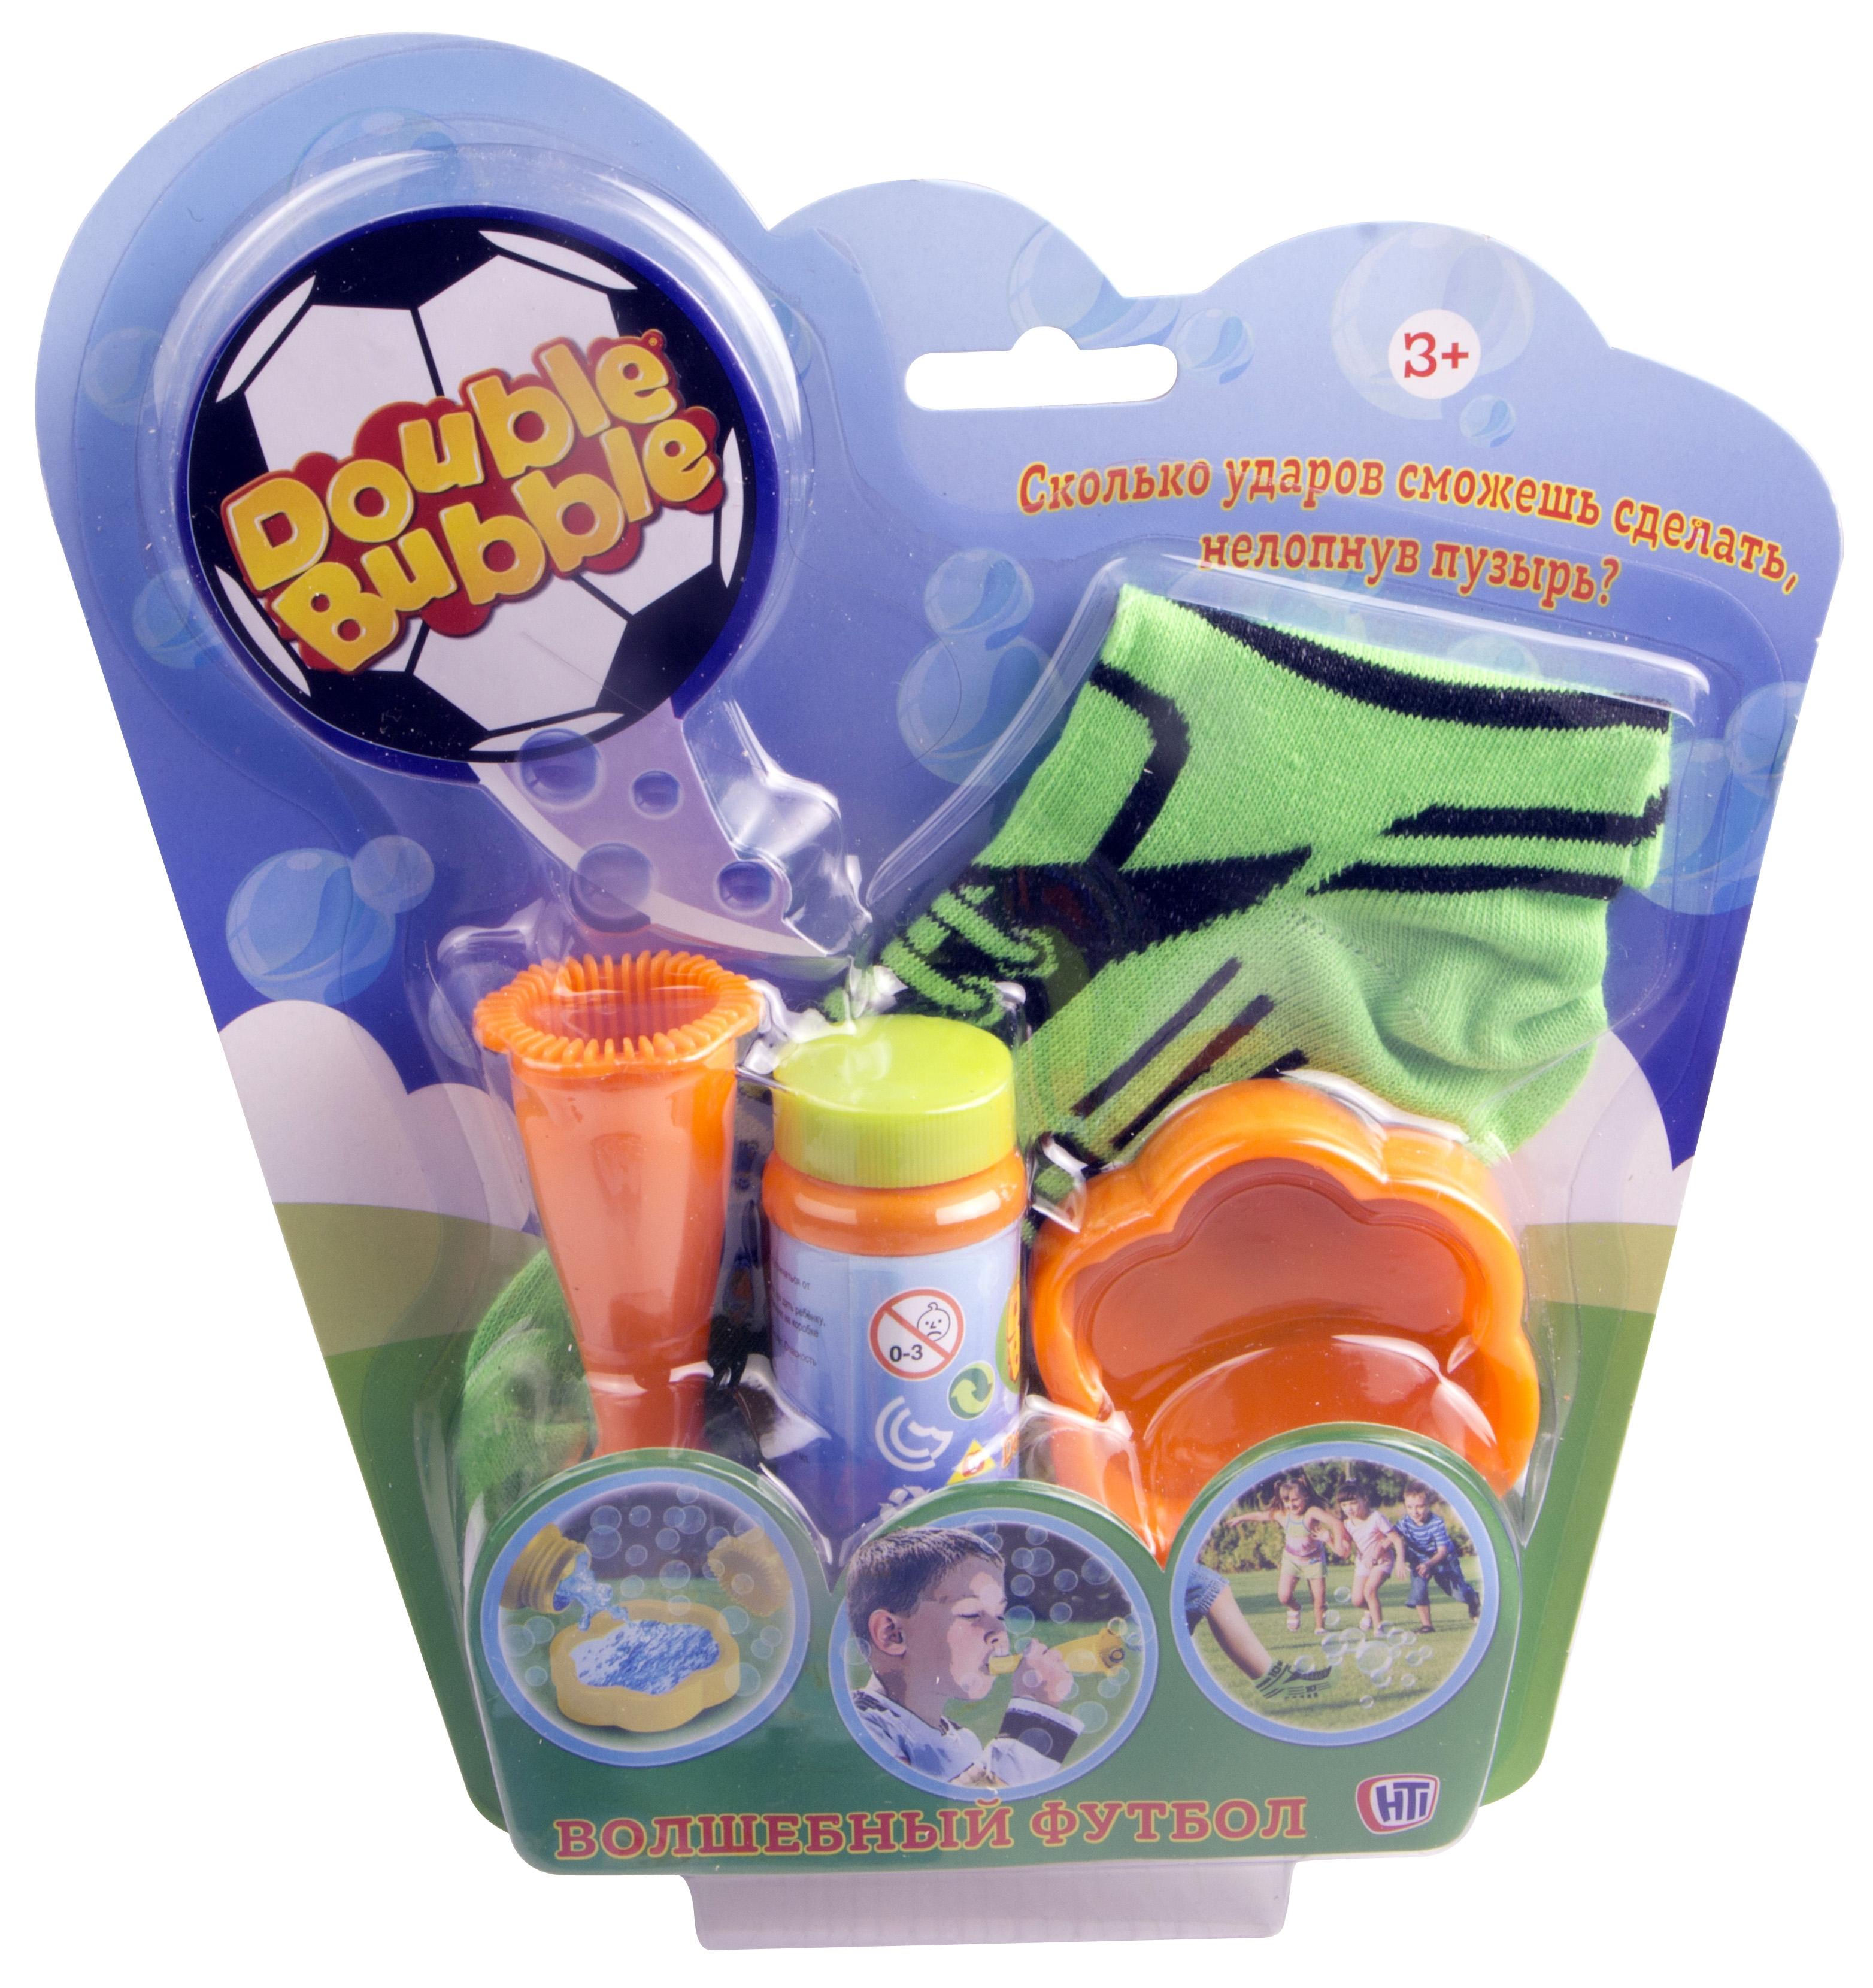 Купить Набор для пускания мыльных пузырей, Волшебный футбол, 1шт., HTI 1373489.00, Китай, зеленый, желтый